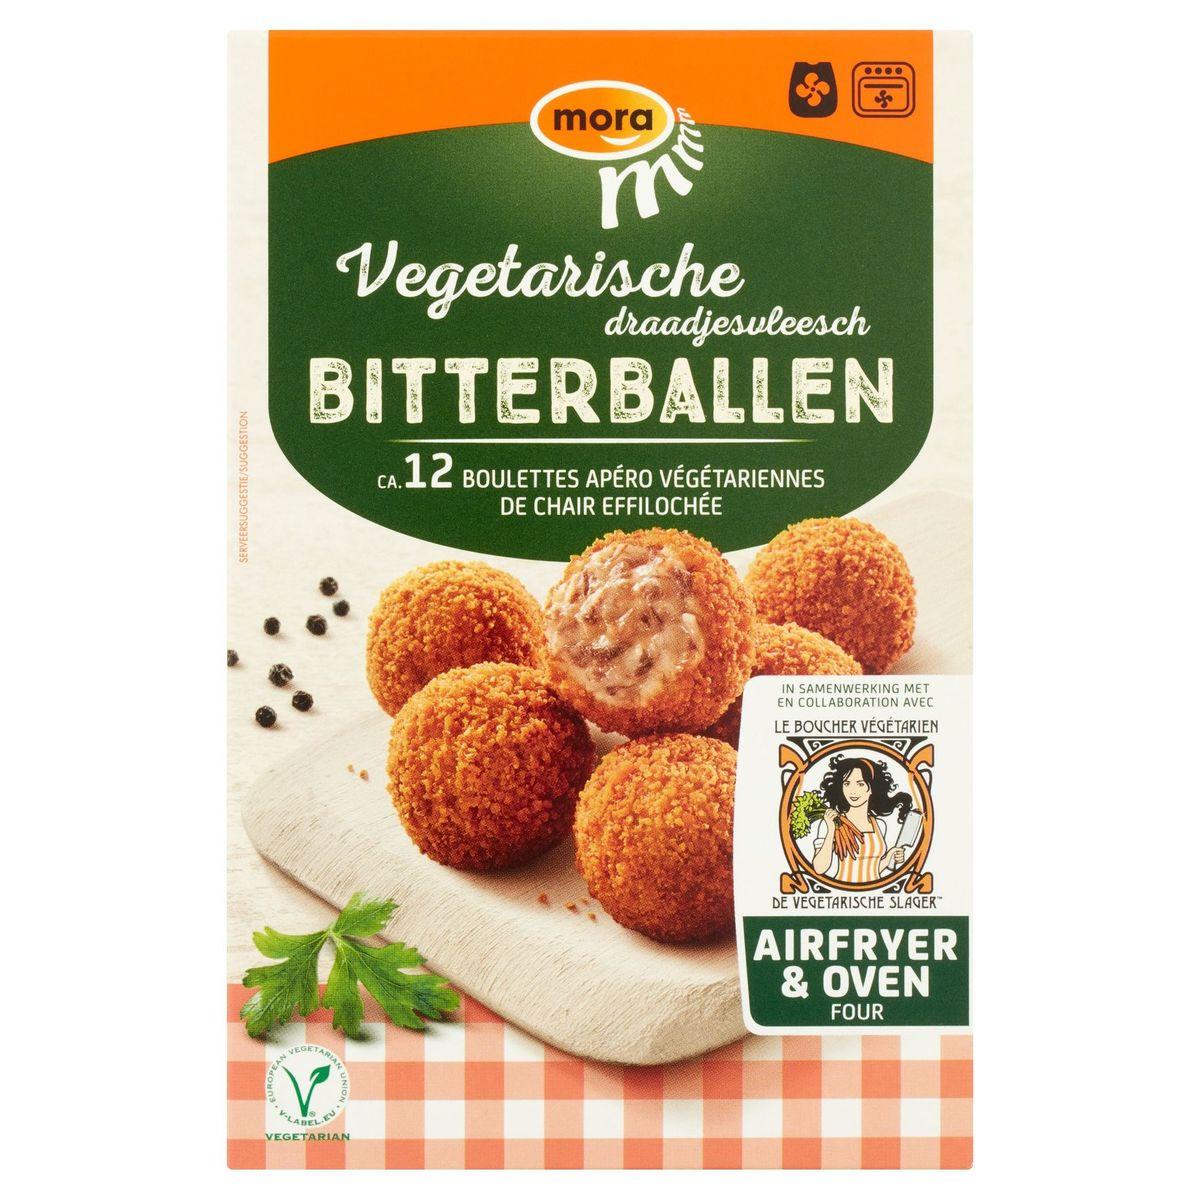 Mora Vegetarische Draadjesvleesch Bitterballen 240 g